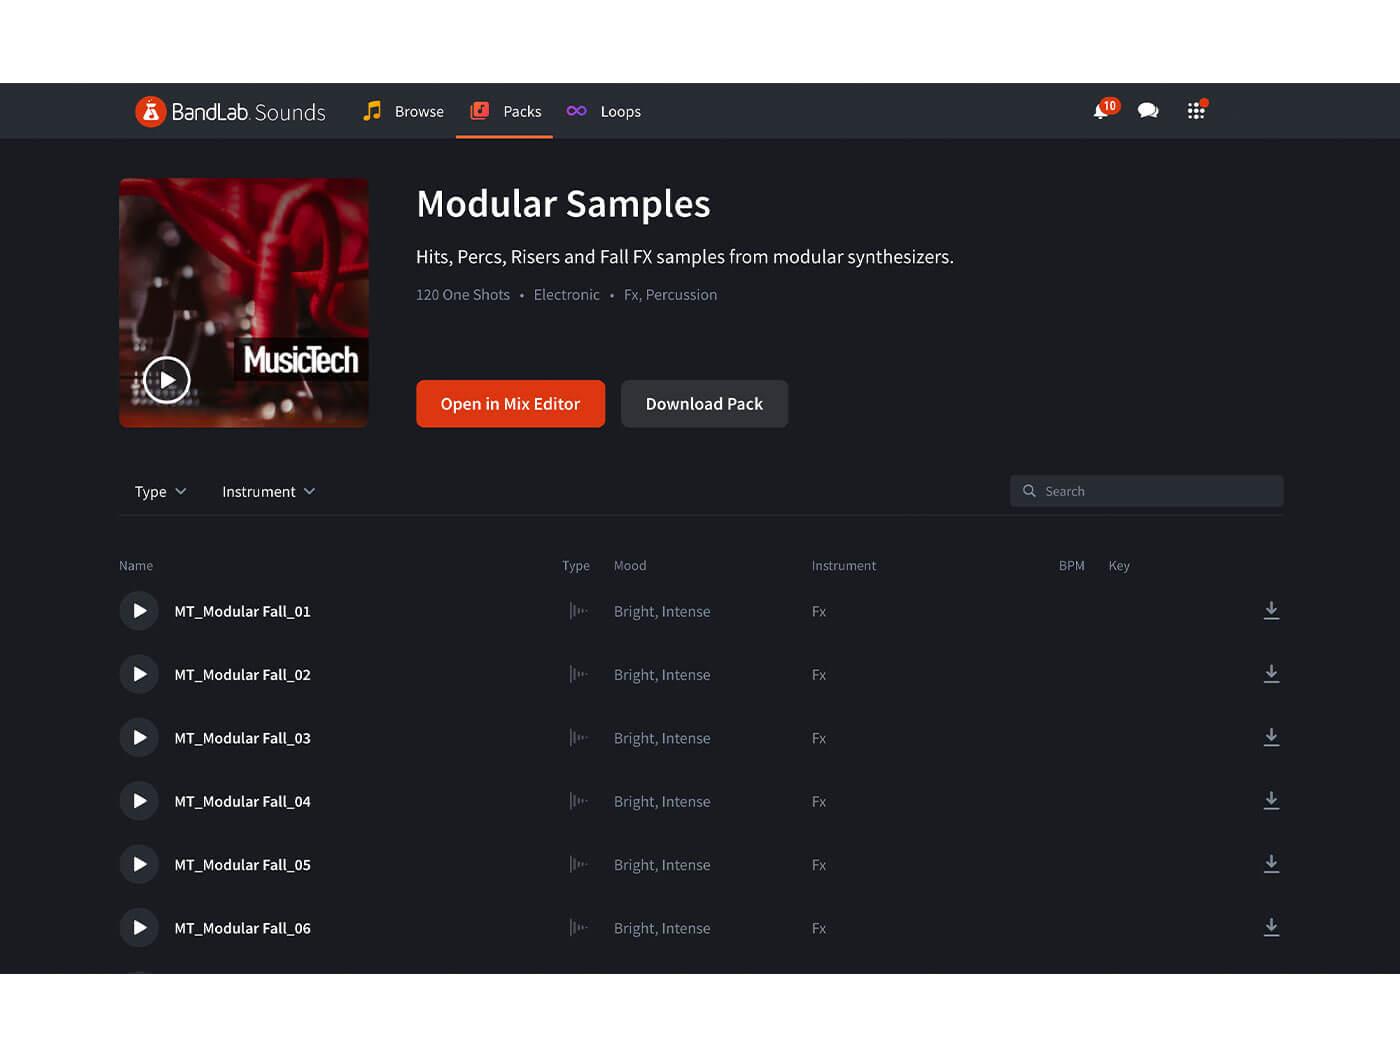 BandLab Sounds MusicTech